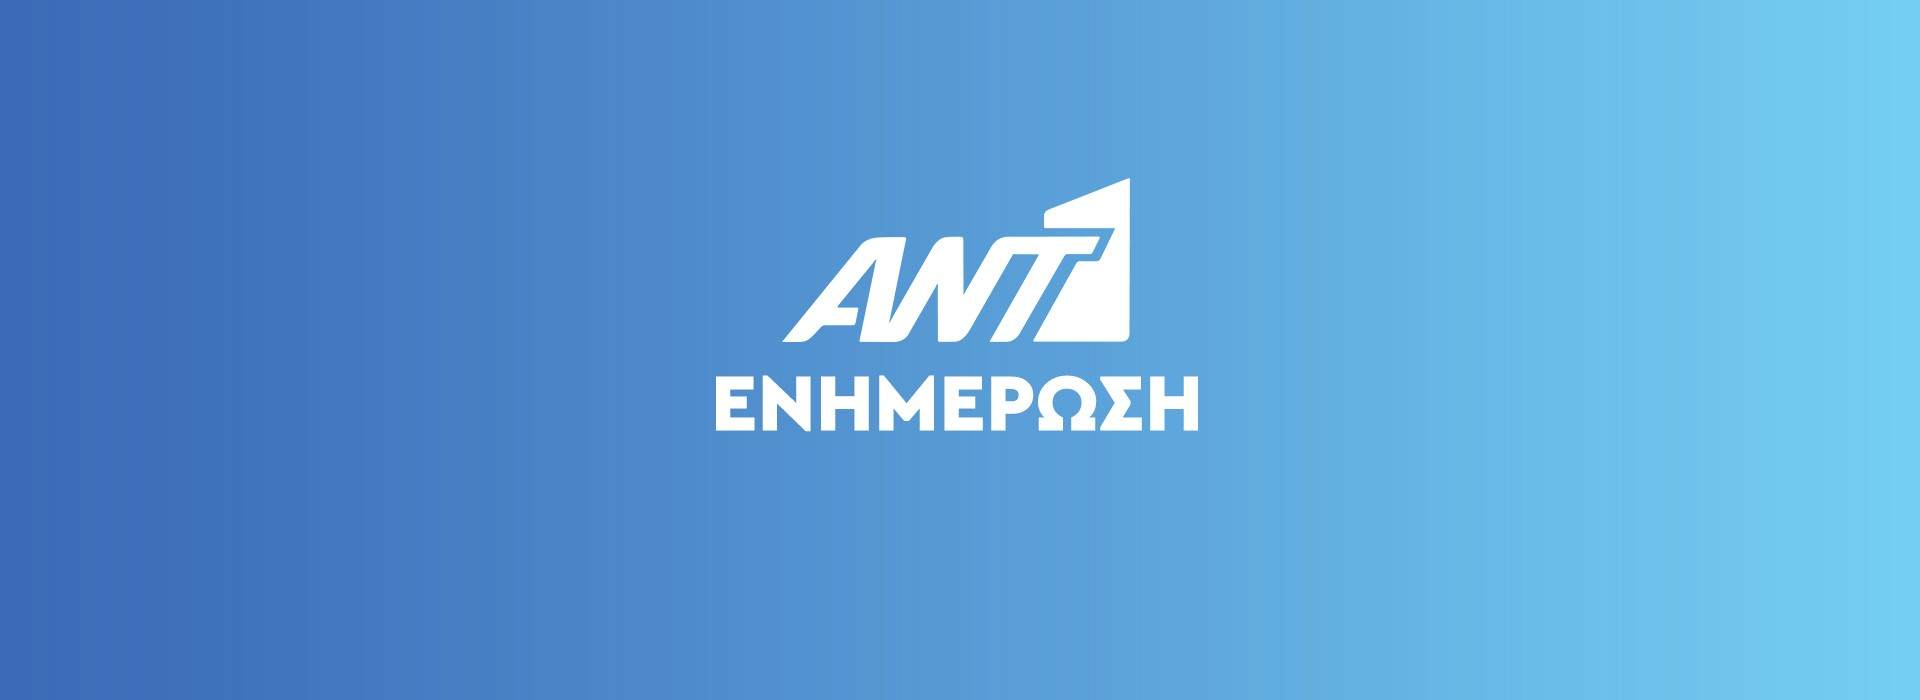 ANT1 ΕΝΗΜΕΡΩΣΗ